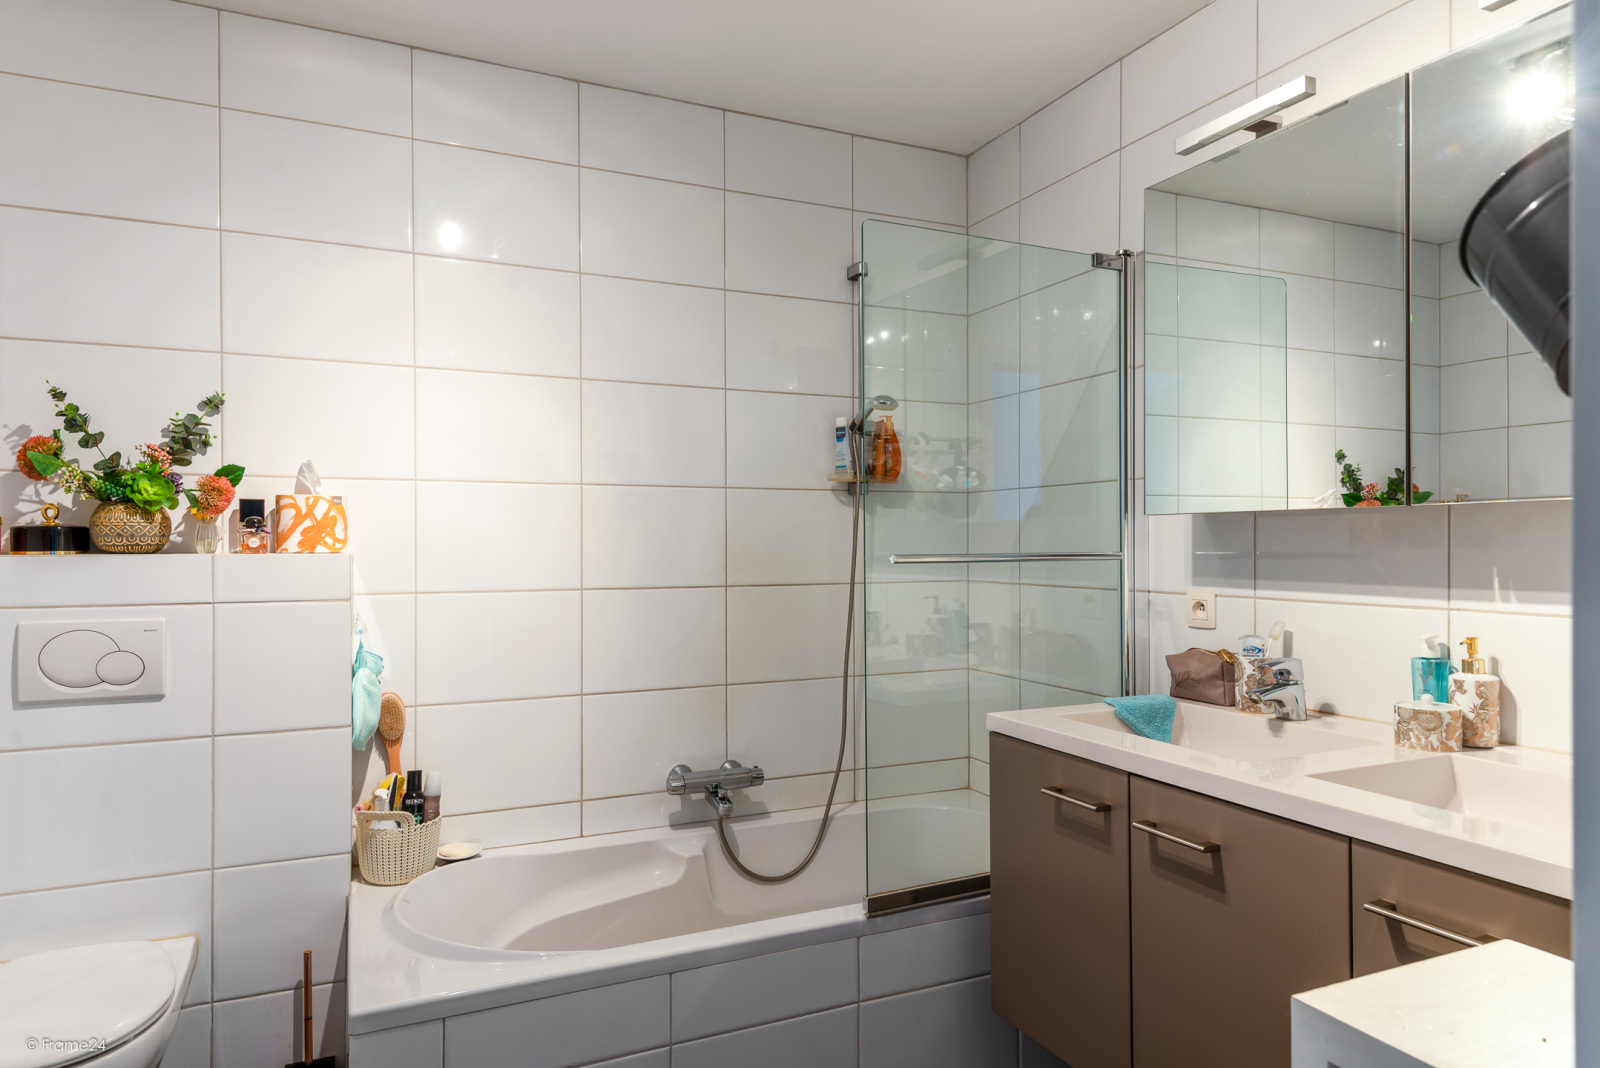 Prachtig instapklaar appartement met twee ruime slaapkamers nabij het centrum van Schoten! afbeelding 16